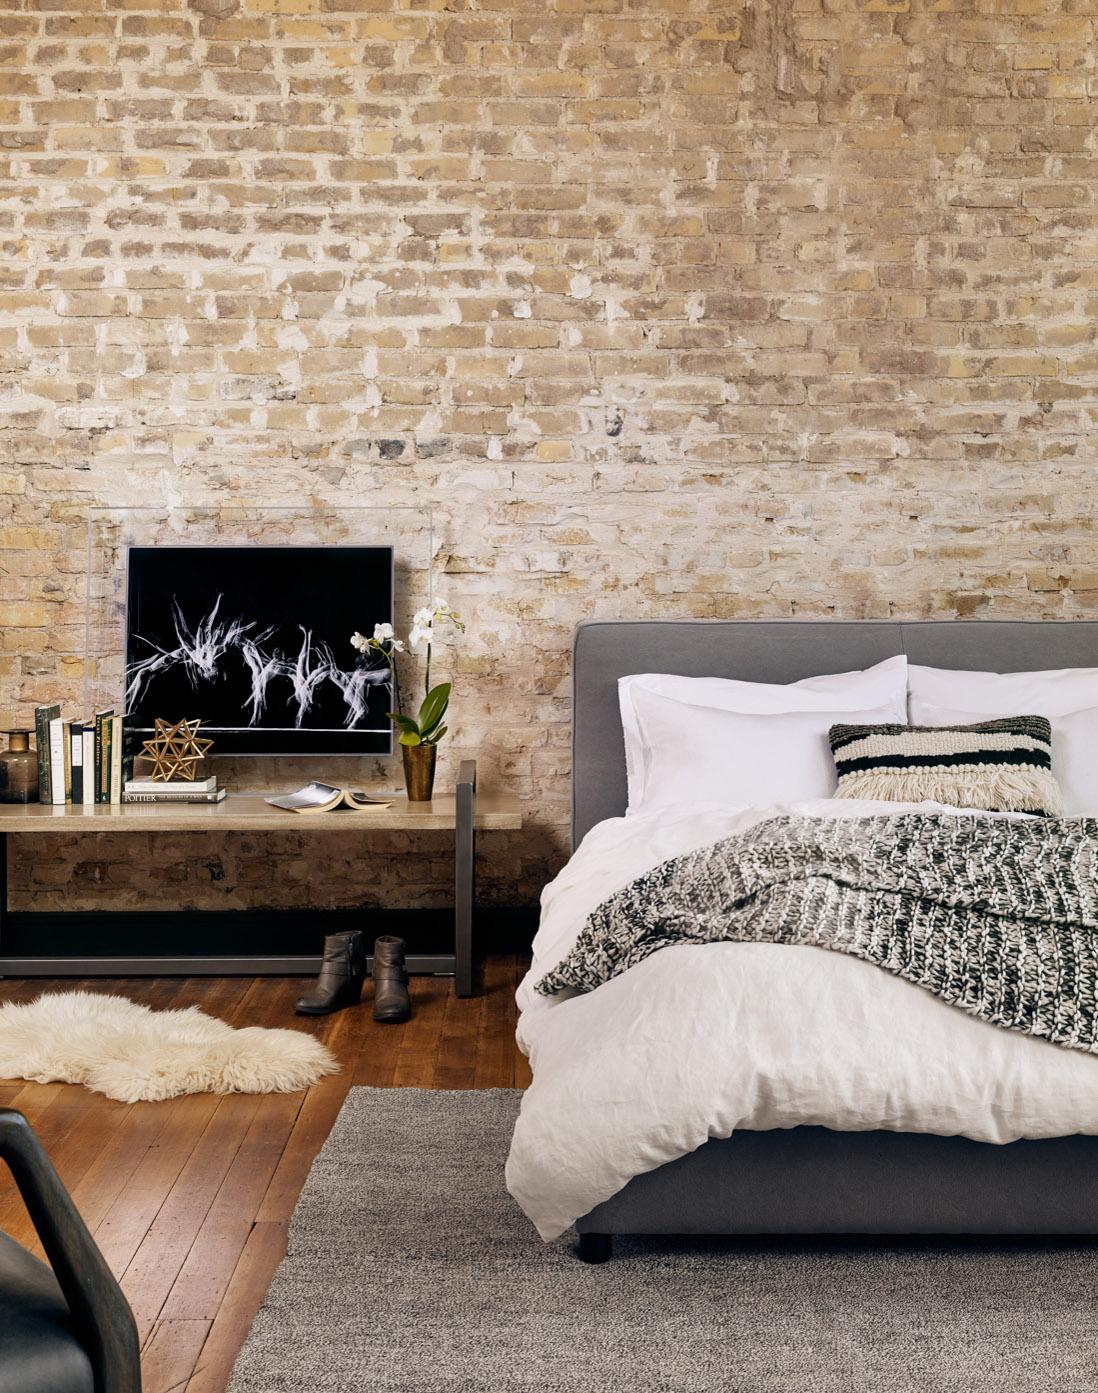 Shop The Look: Contemporary Bedroom